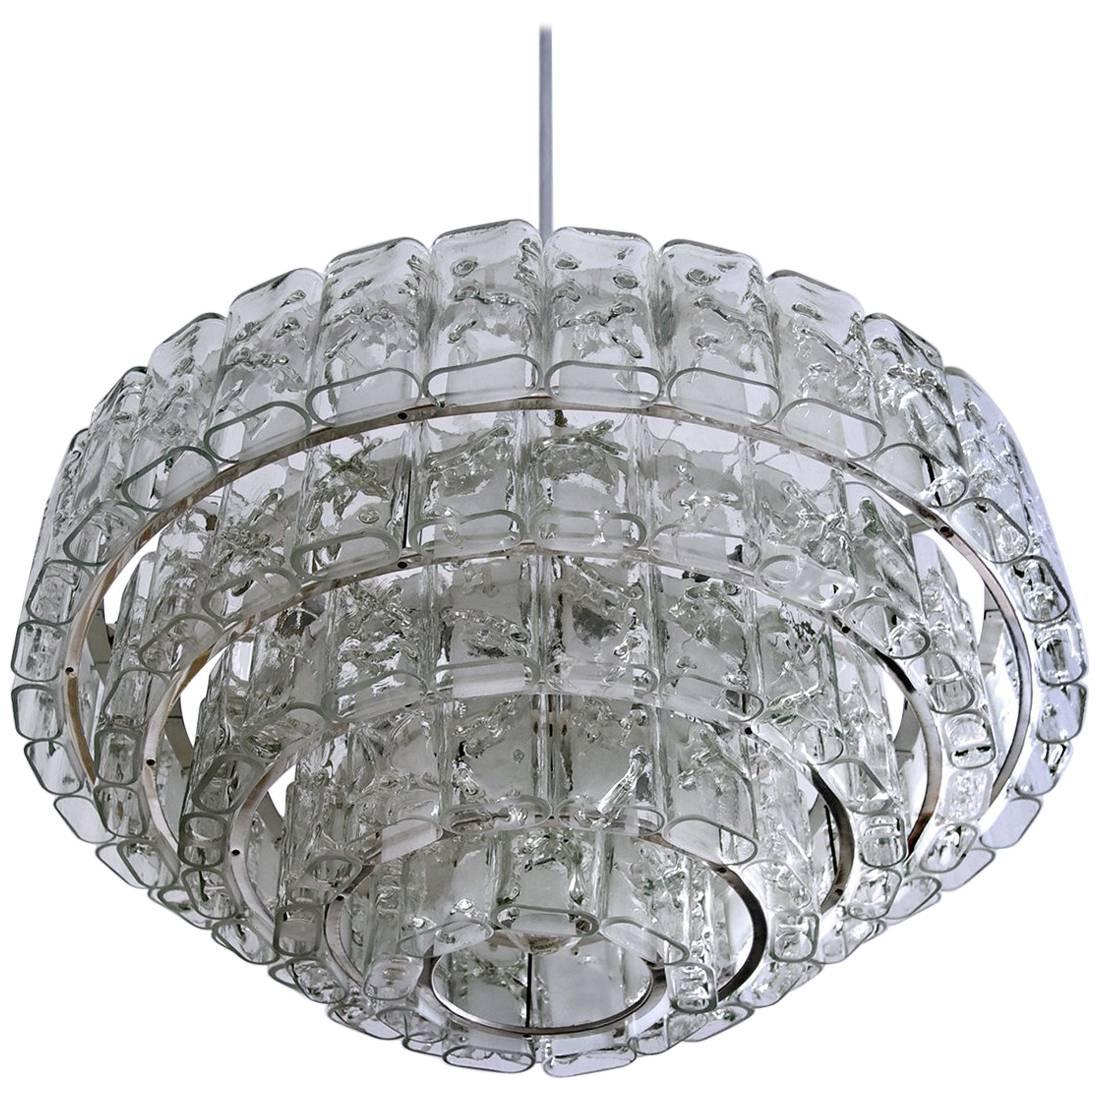 Large German Vintage Blown Glass Chandelier Pendant Ceiling Light, 1960s